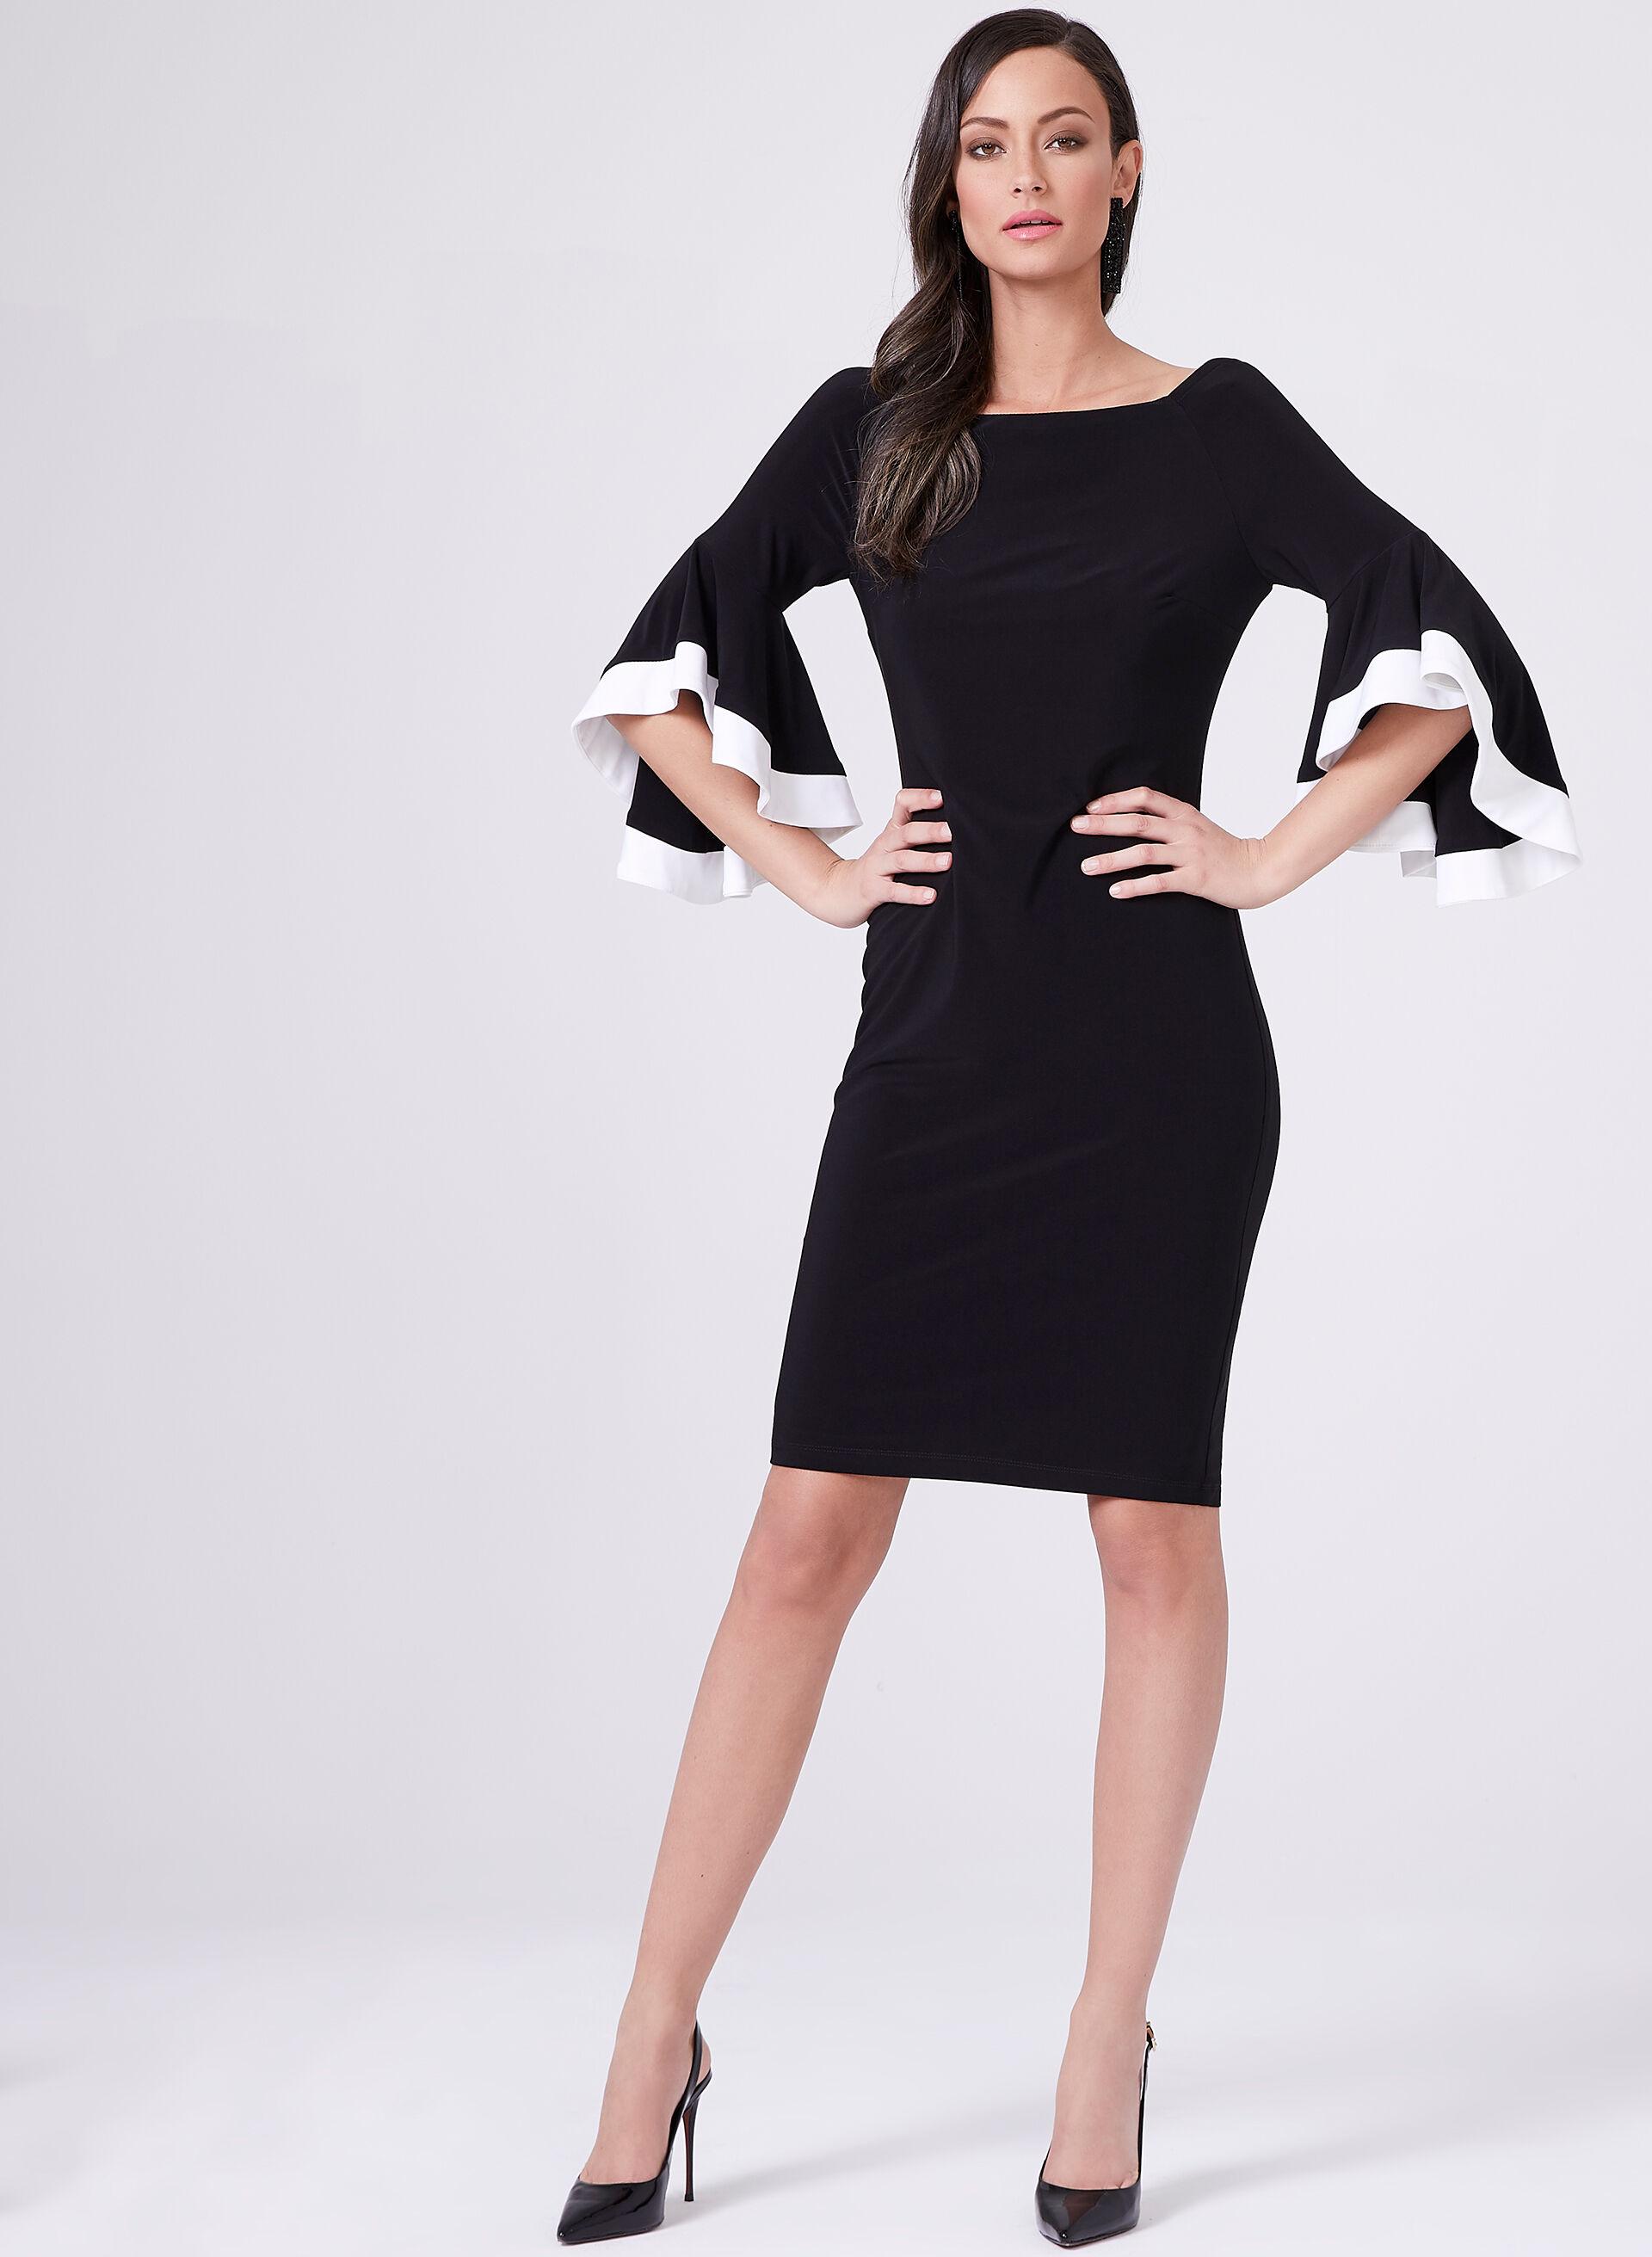 Melanie Lyne Dresses